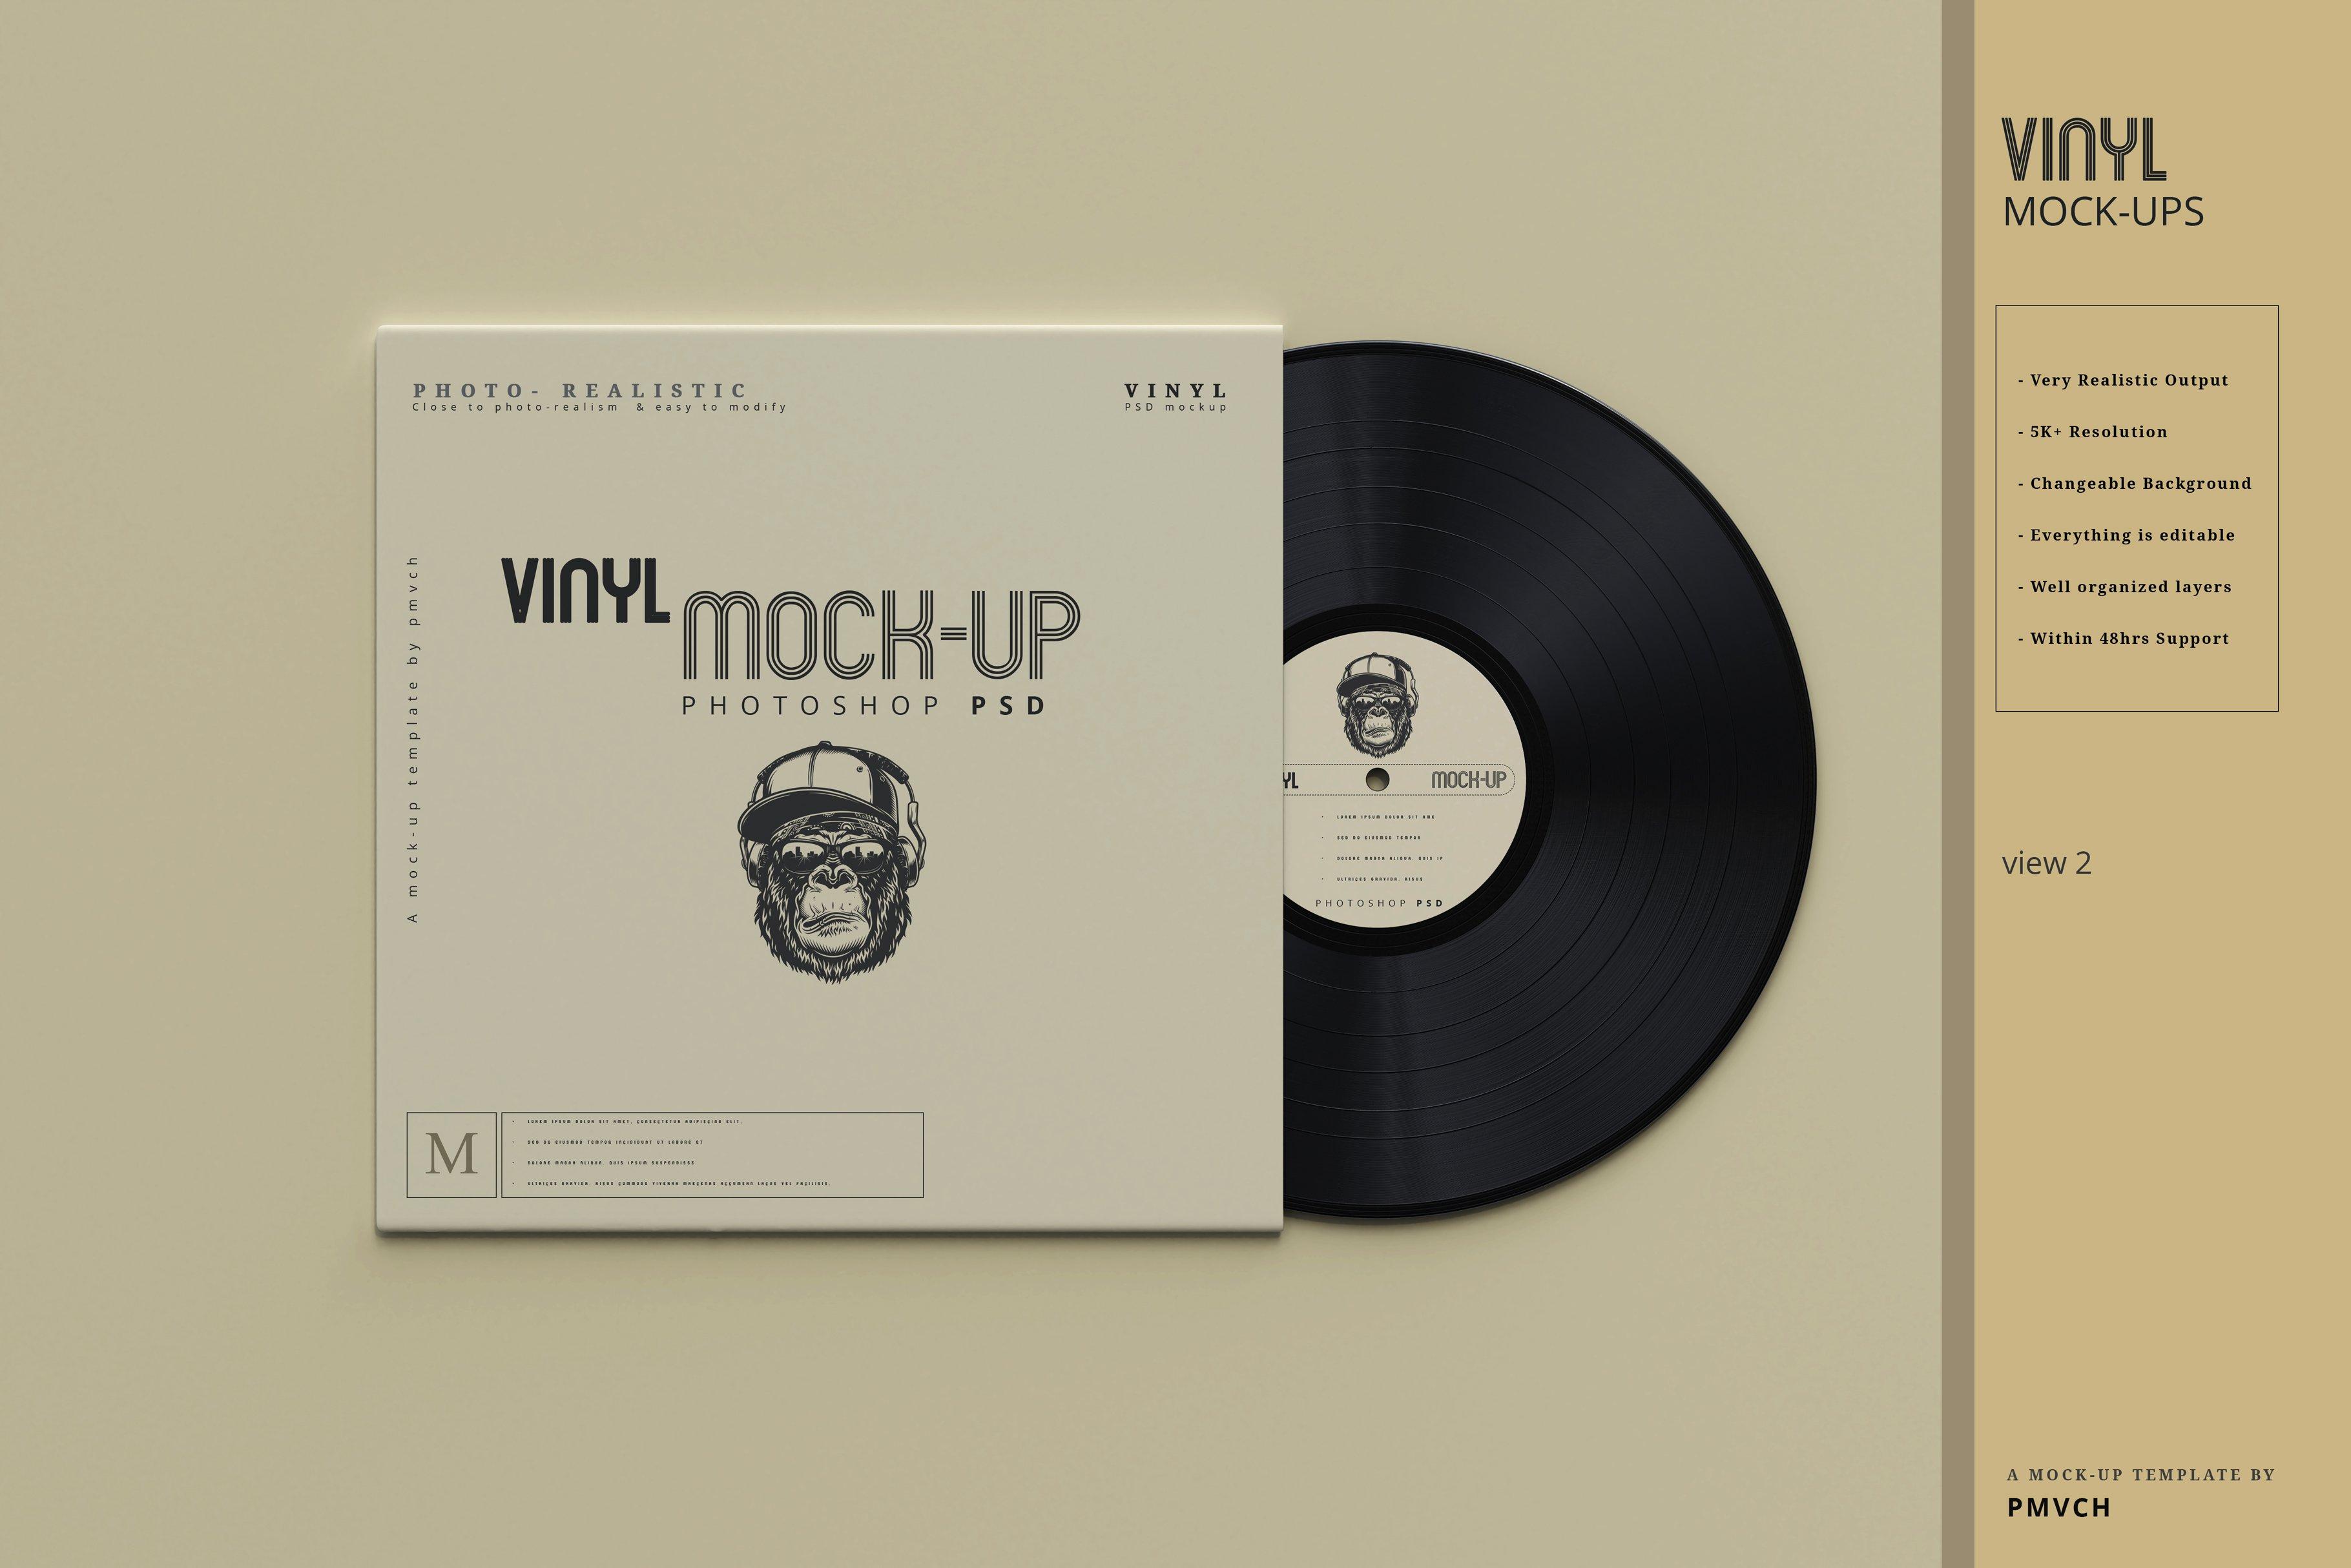 复古逼真黑胶唱片包装纸袋设计贴图样机模板 Vinyl Mockups插图(1)